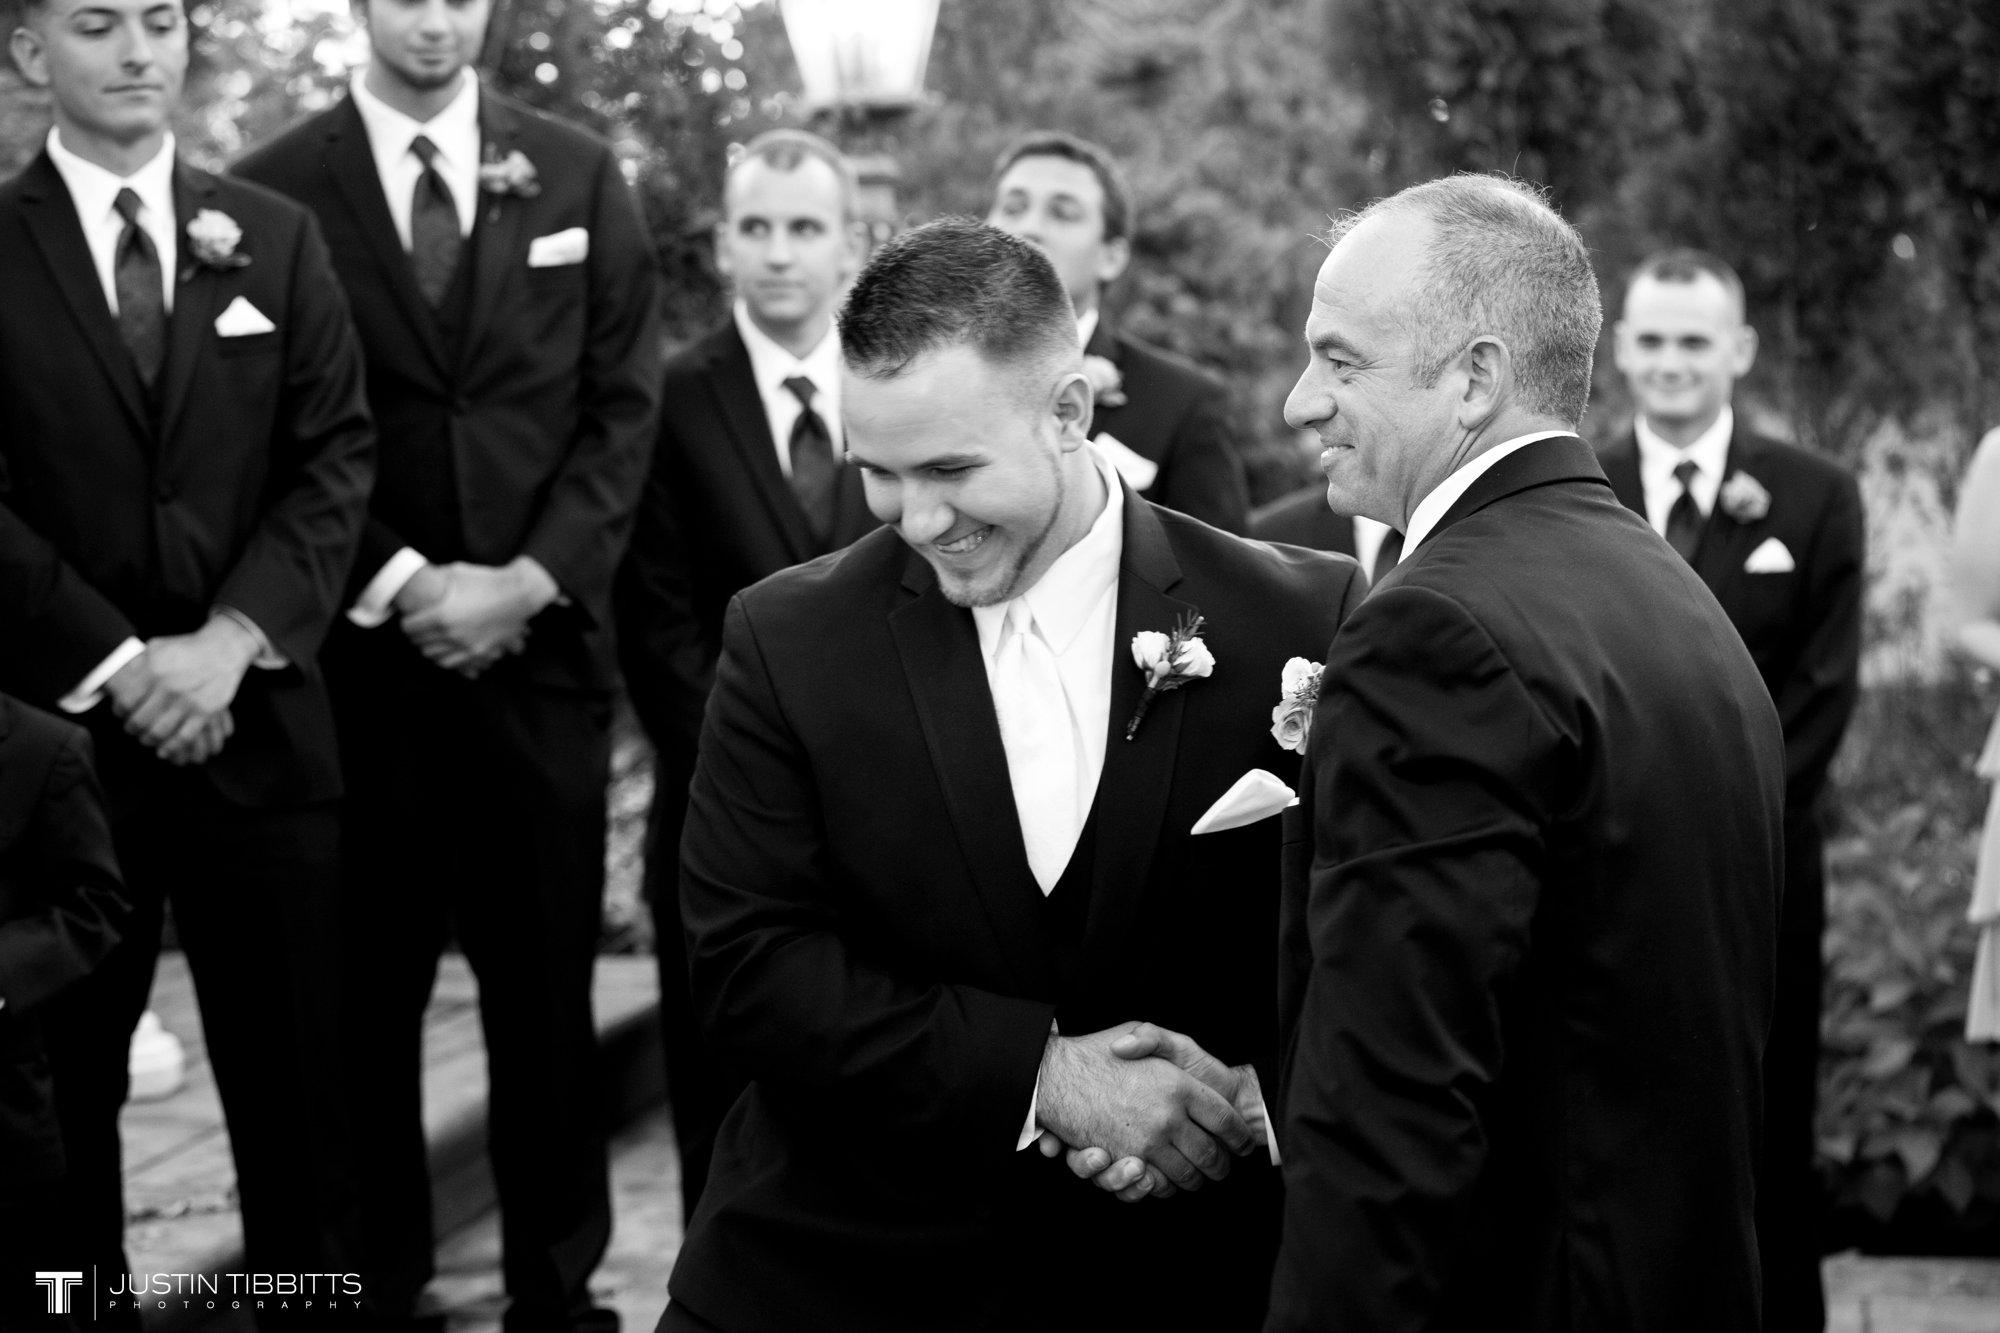 Albany NY Wedding Photographer Justin Tibbitts Photography 2014 Best of Albany NY Weddings-39718421425